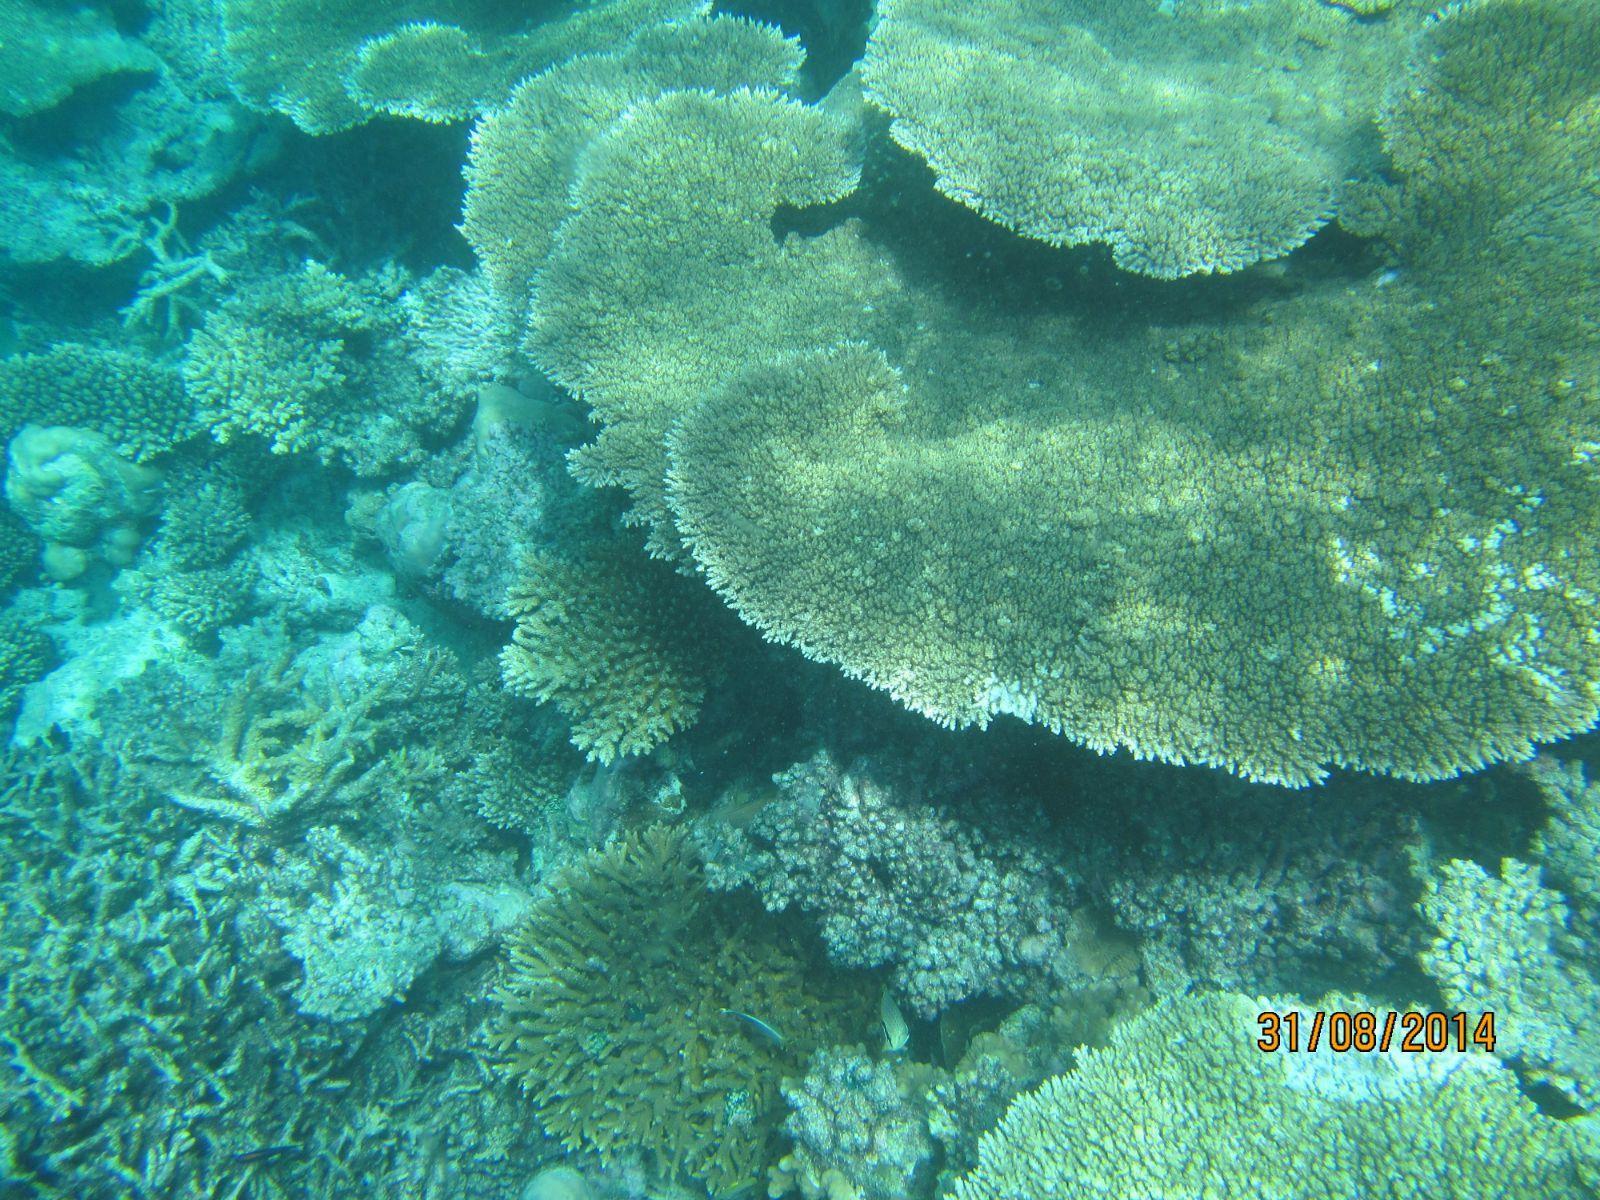 当然雨季的马尔代夫你也能看到清晰的海底世界,只是需要一点运气罢了